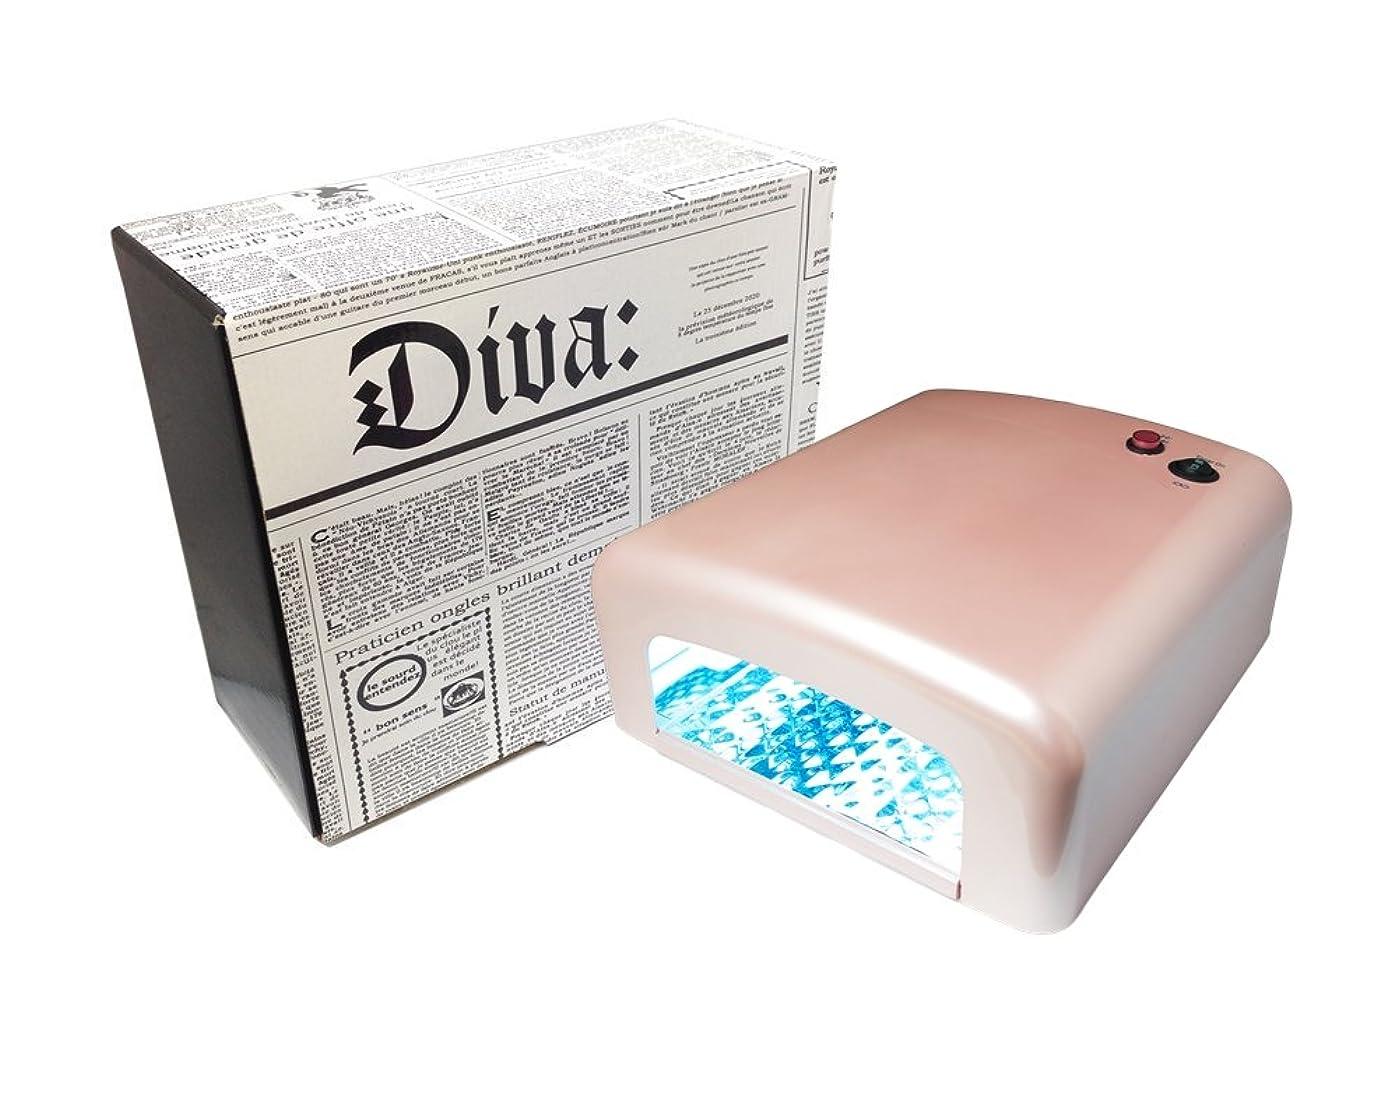 匹敵します石膏気付くDiva(ディーヴァ) UVライト36W UVレジン用 本体 パールピンク